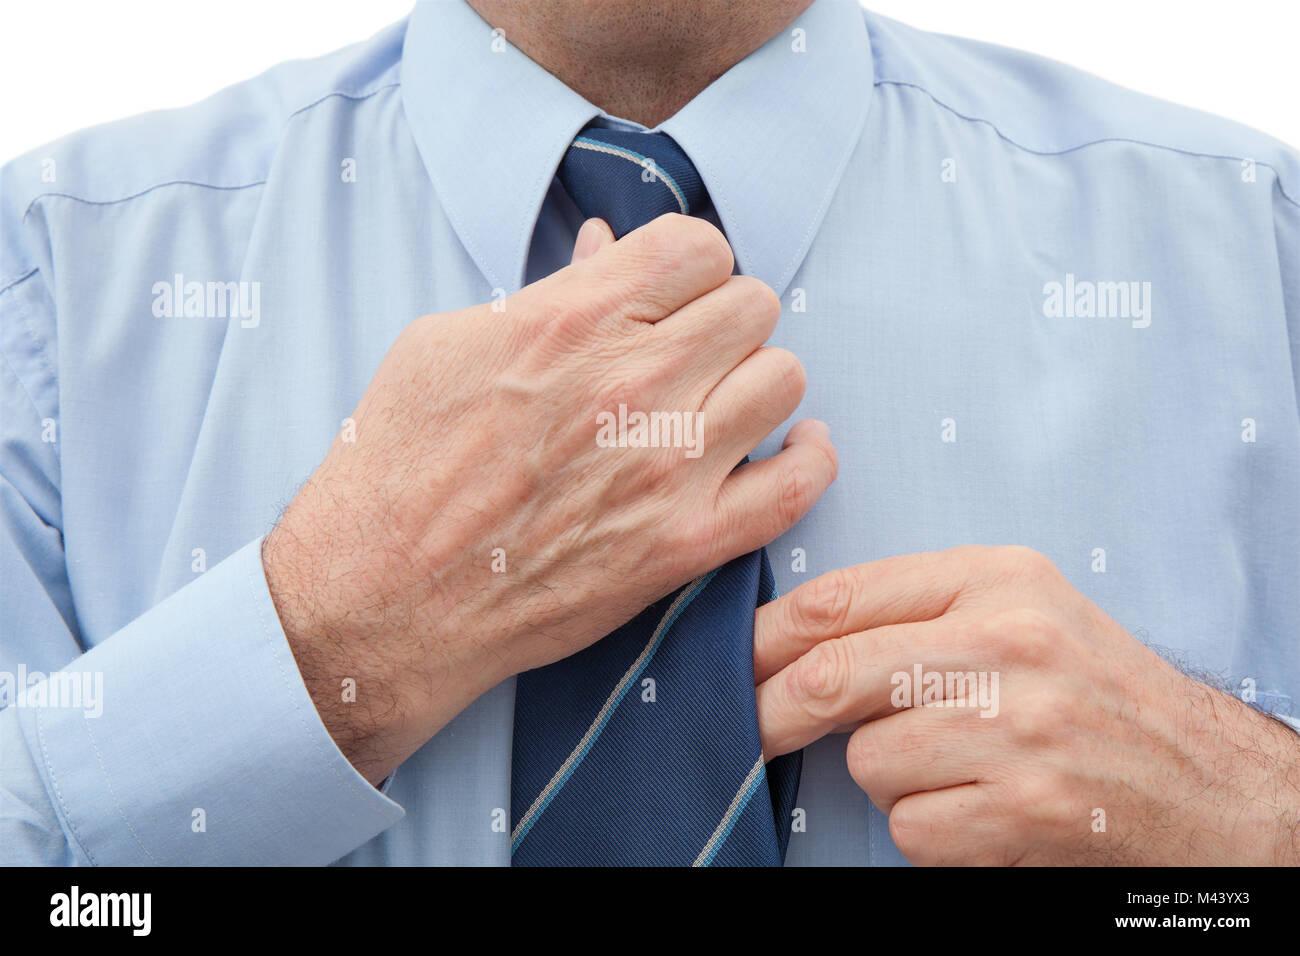 Imprenditore in una camicia blu di regolazione di un striped cravatta blu sul suo collo Immagini Stock